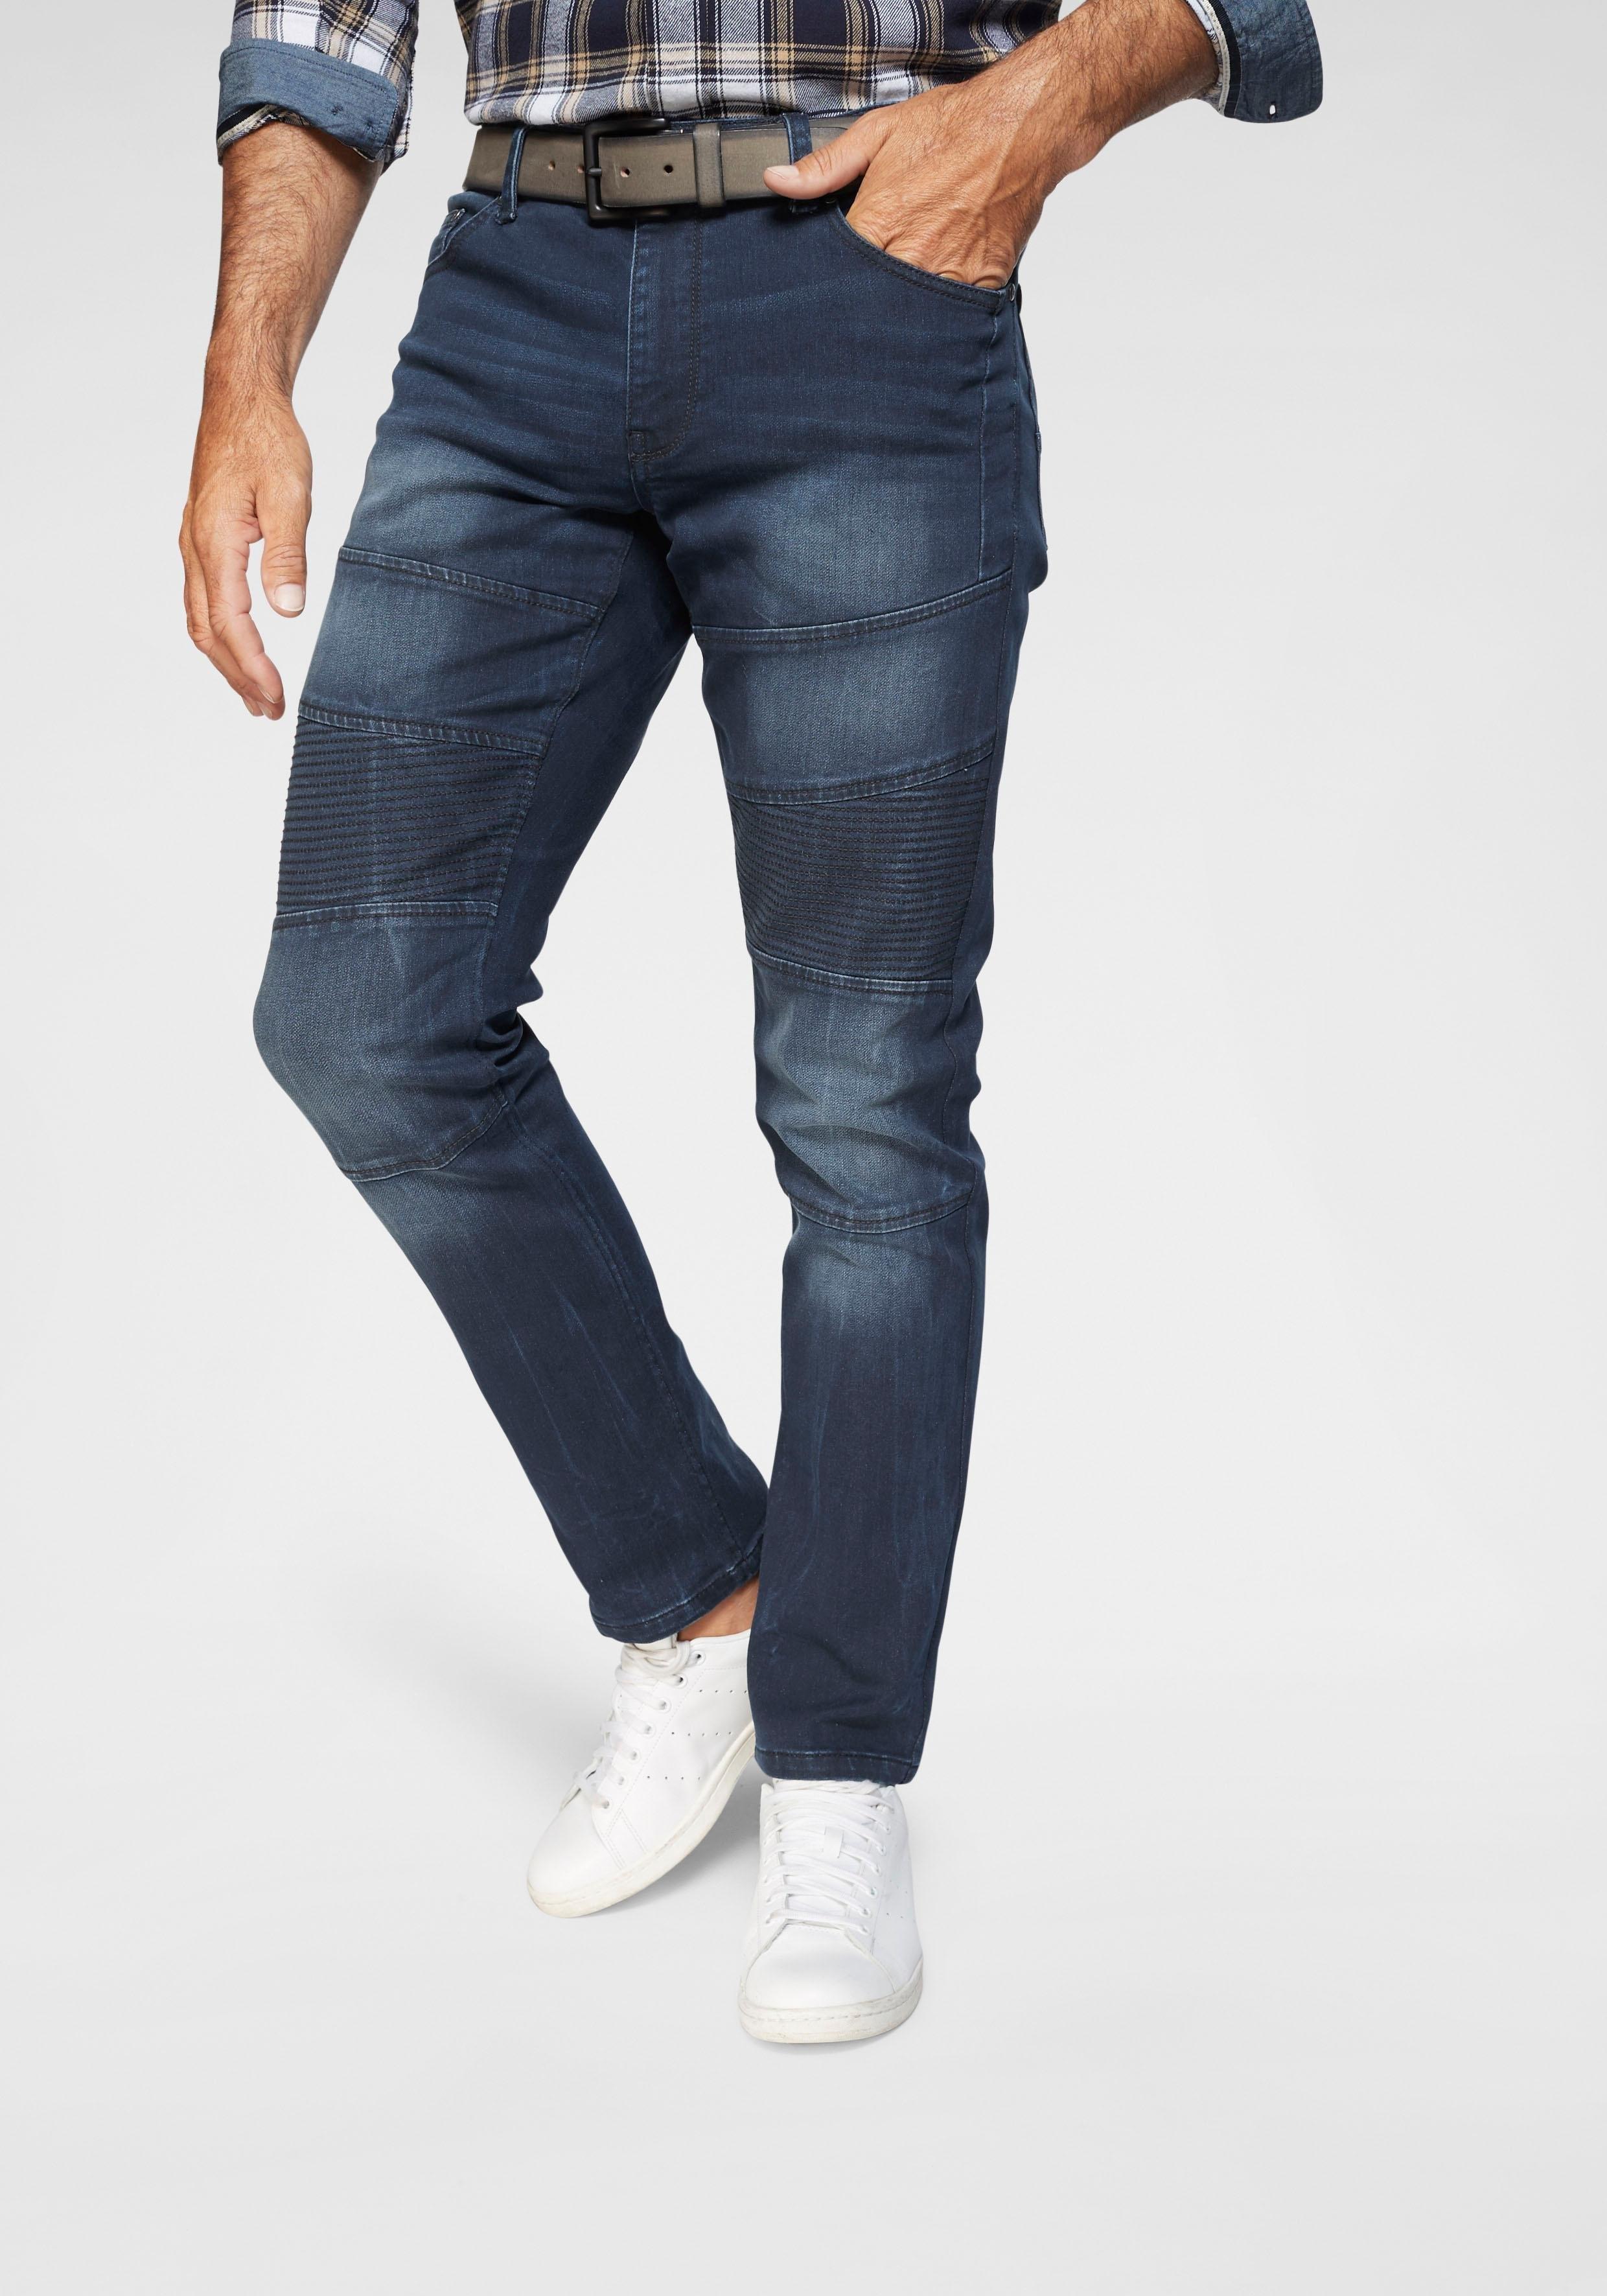 ARIZONA 5-pocket jeans bestellen: 30 dagen bedenktijd